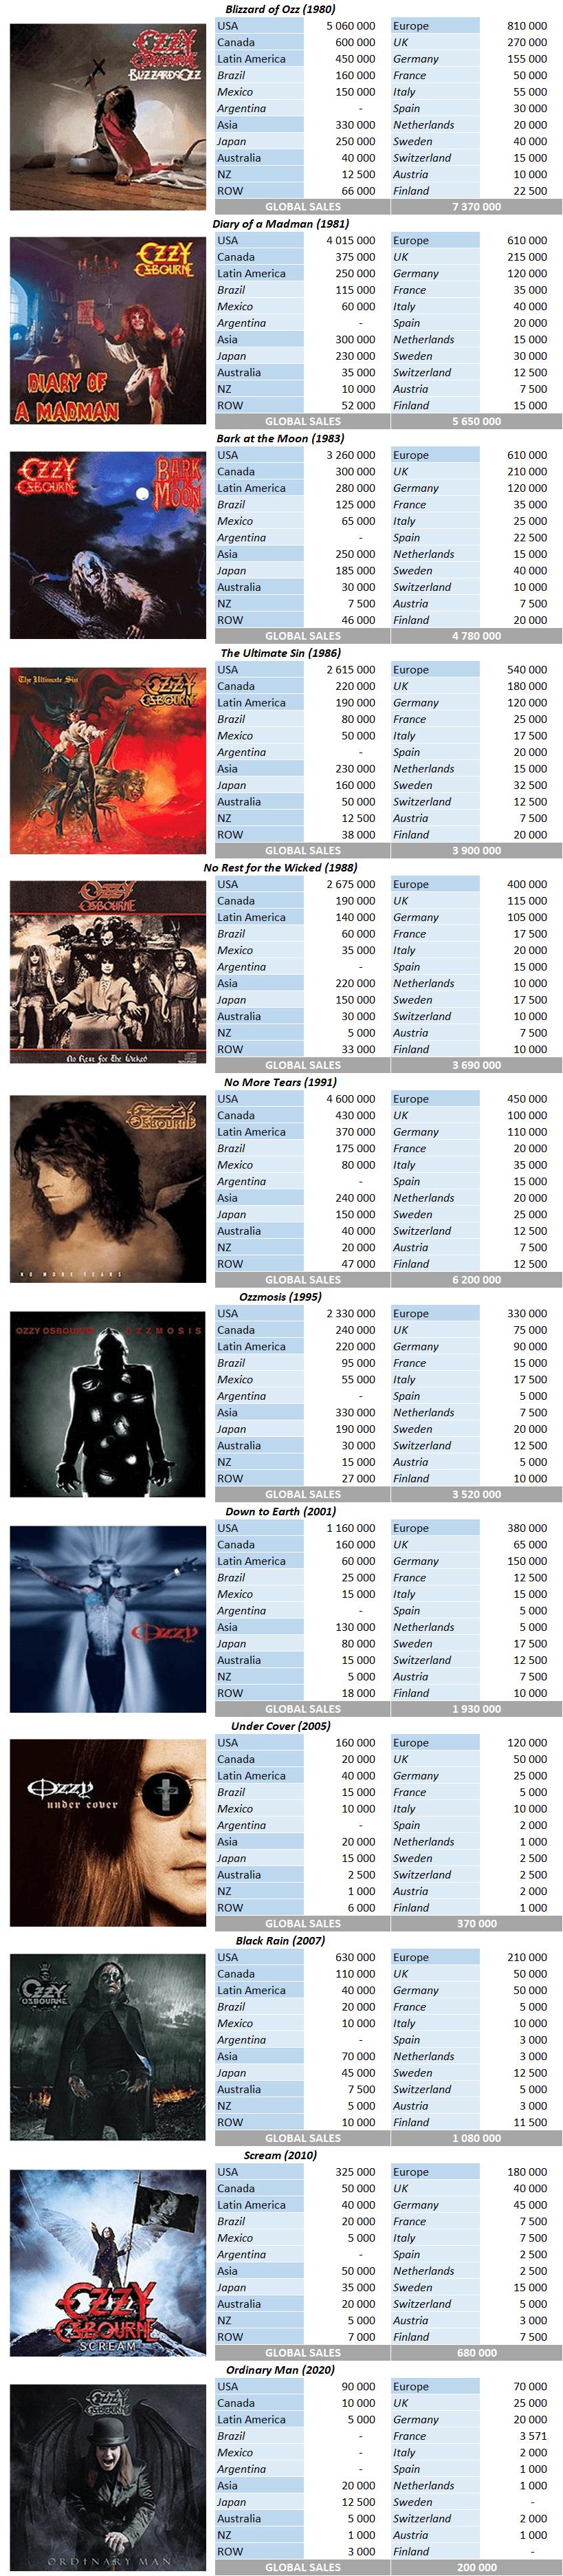 CSPC Ozzy Osbourne albums sales breakdowns